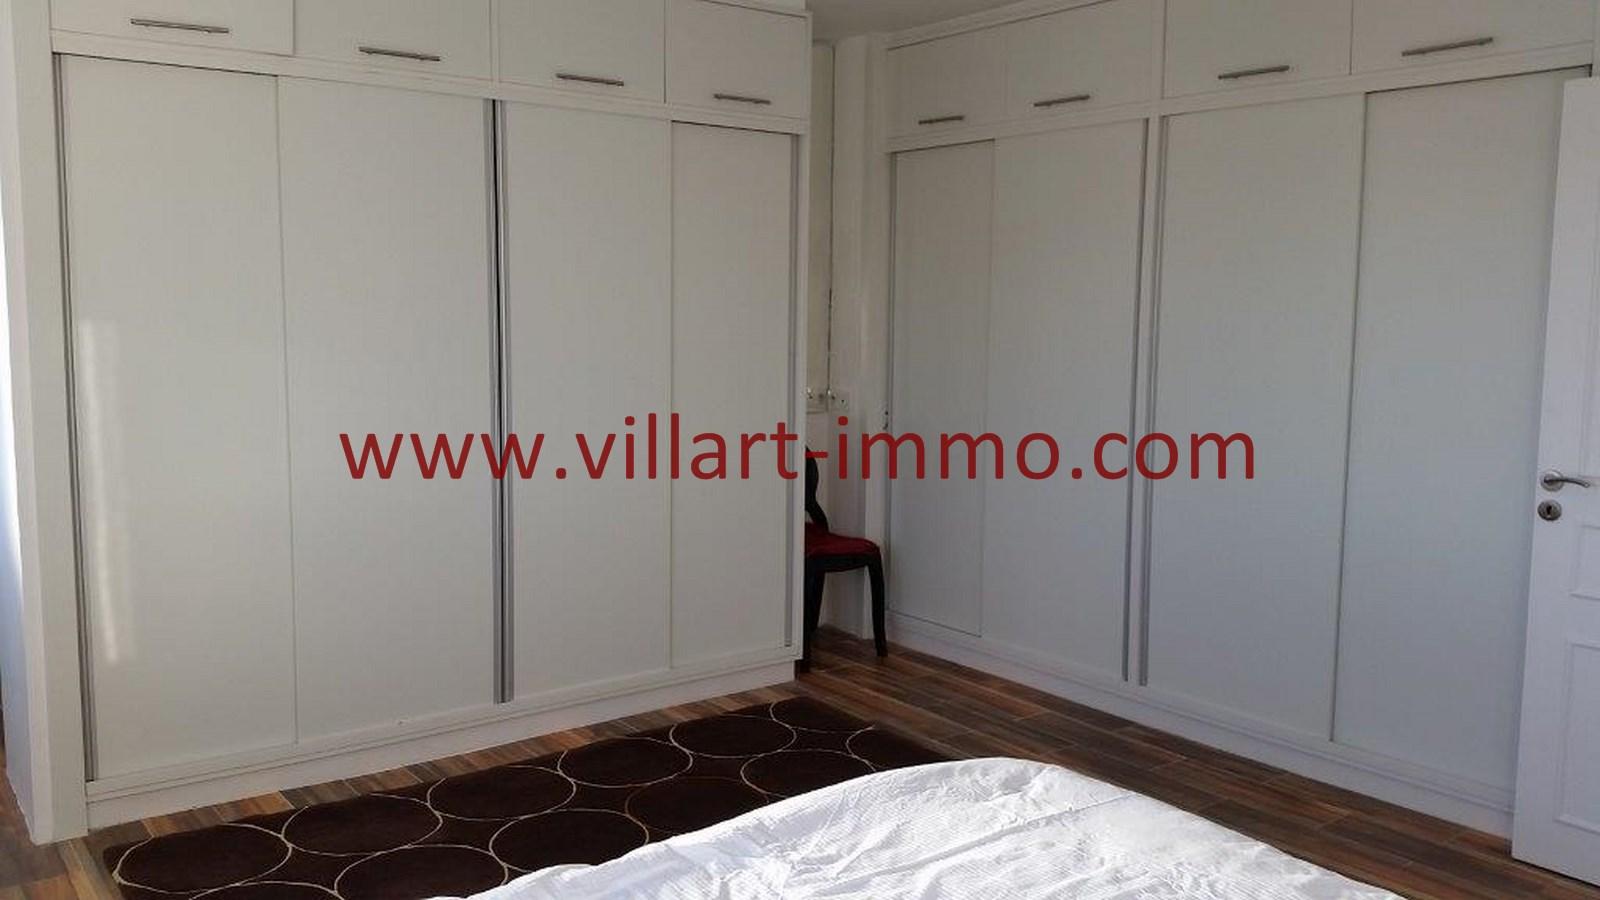 Location meubl e d un magnifique appartement au centre ville de tanger villart - Location meublee amortissement du bien ...